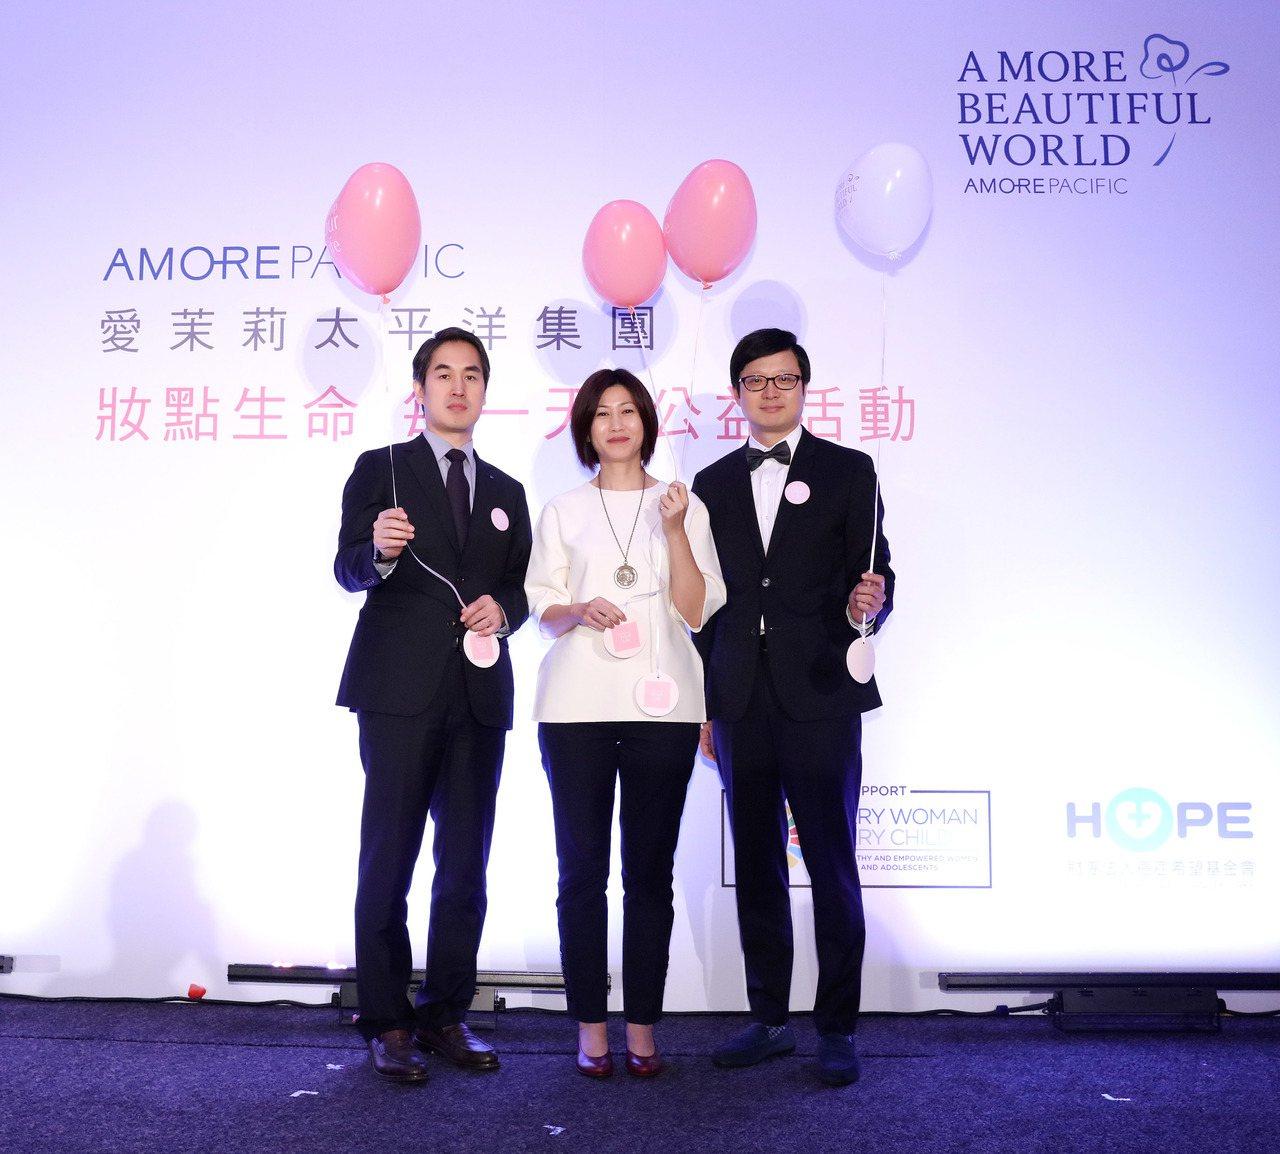 國人罹癌年輕化,韓美妝集團首次登台做公益。 圖/愛茉莉太平洋提供